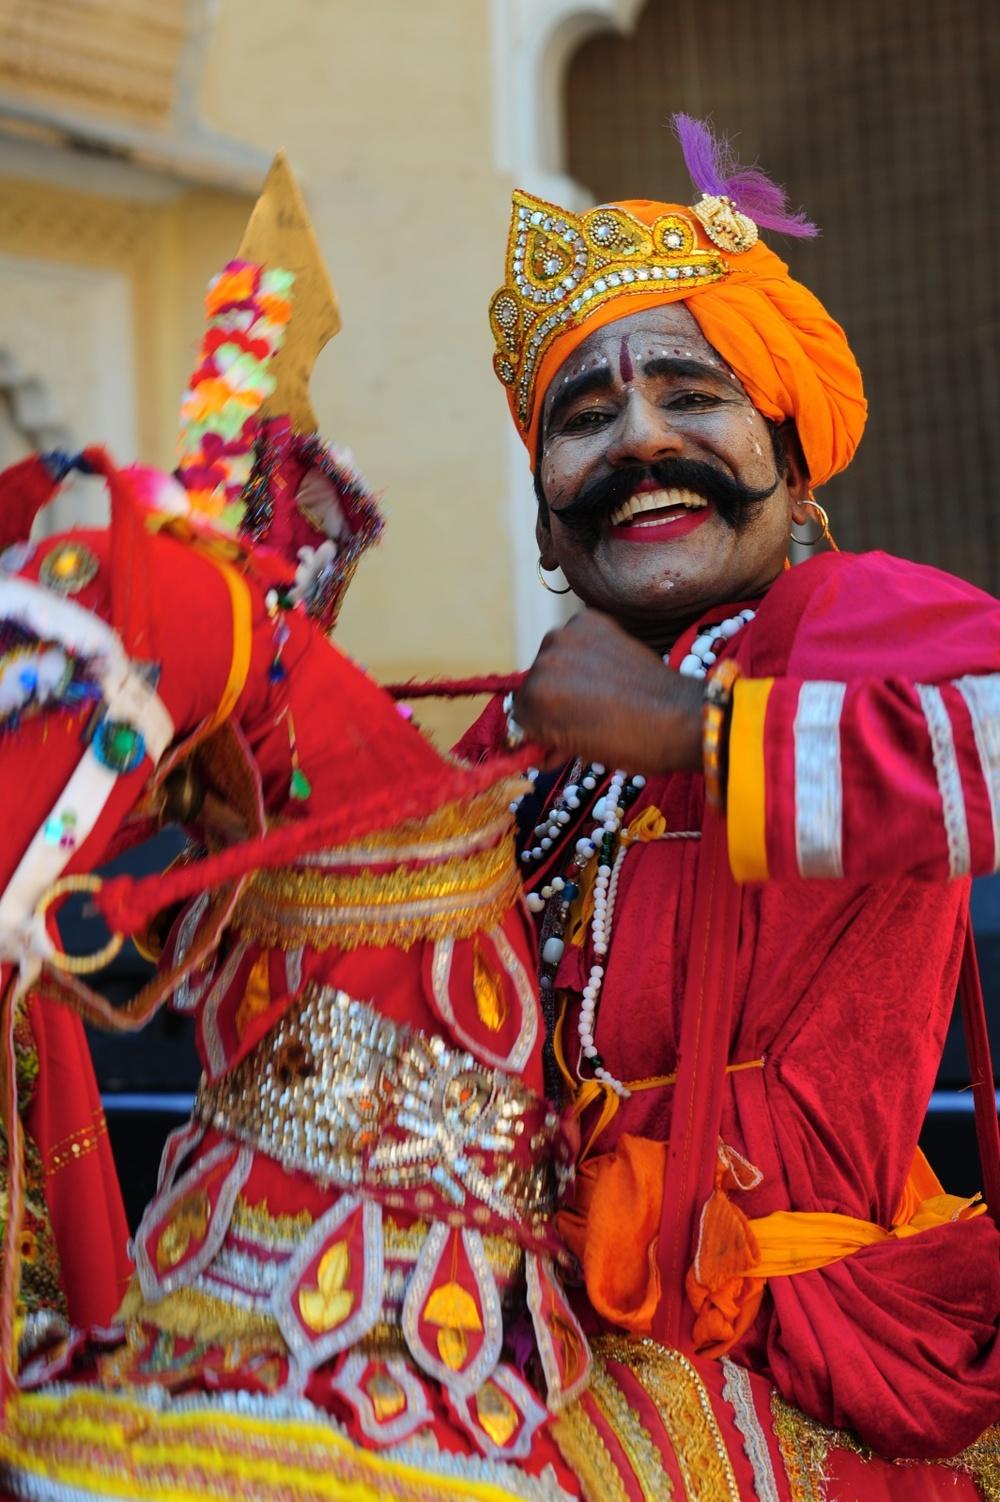 India 2011/2012